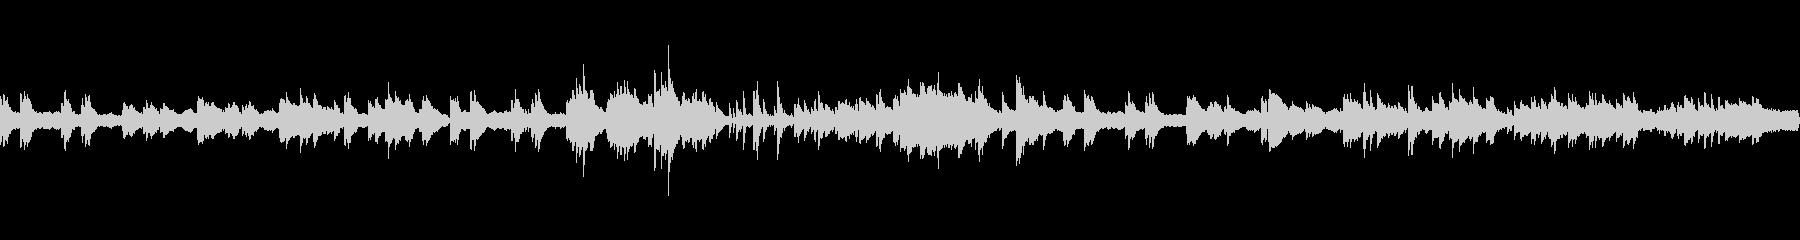 ピアノインスト【ループ使用可】の未再生の波形